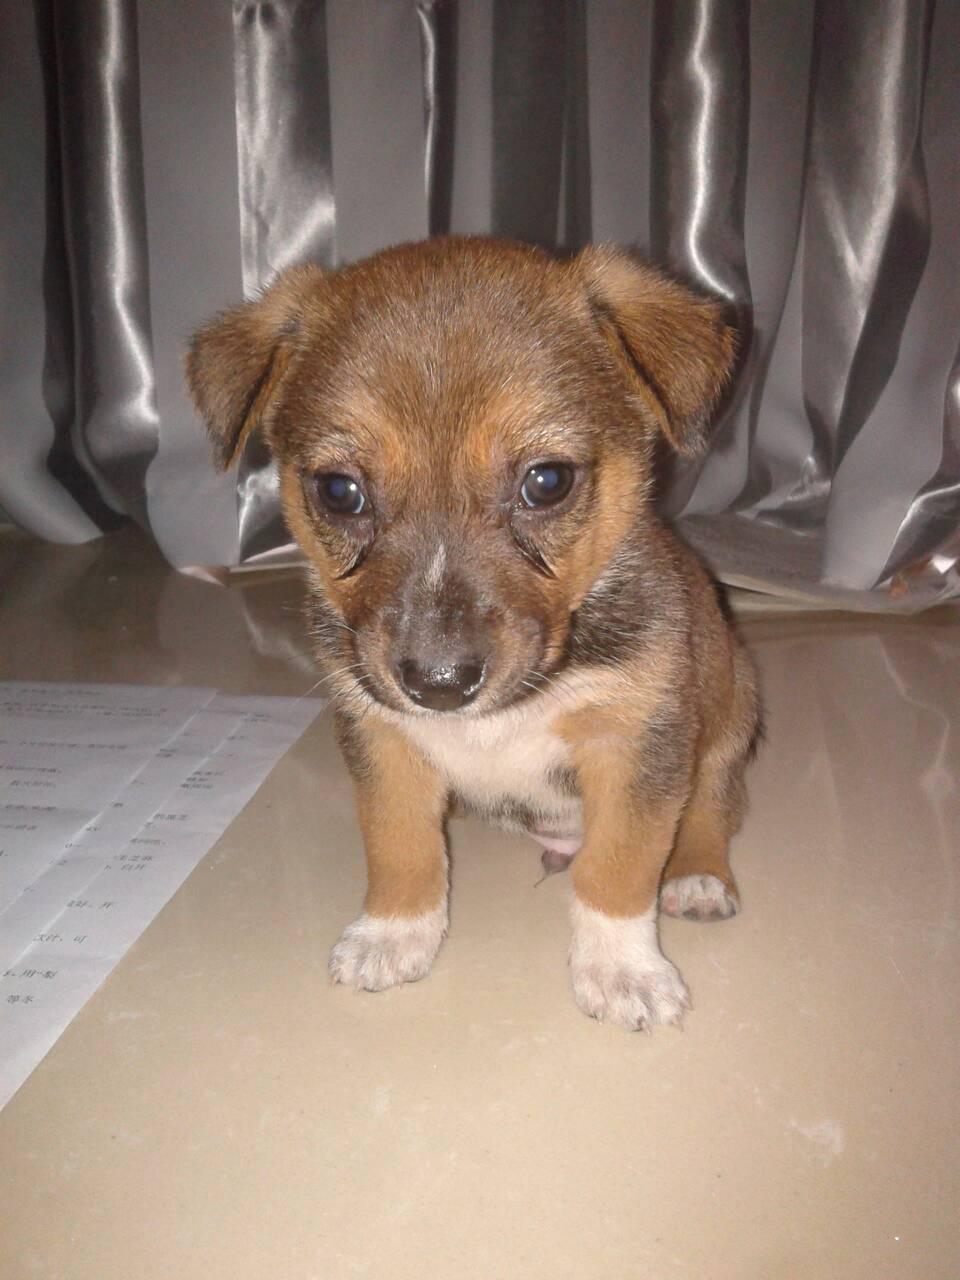 狗狗品种加图片大全 狗狗品种及价格 小狗品种大全 狗狗品种大全及图